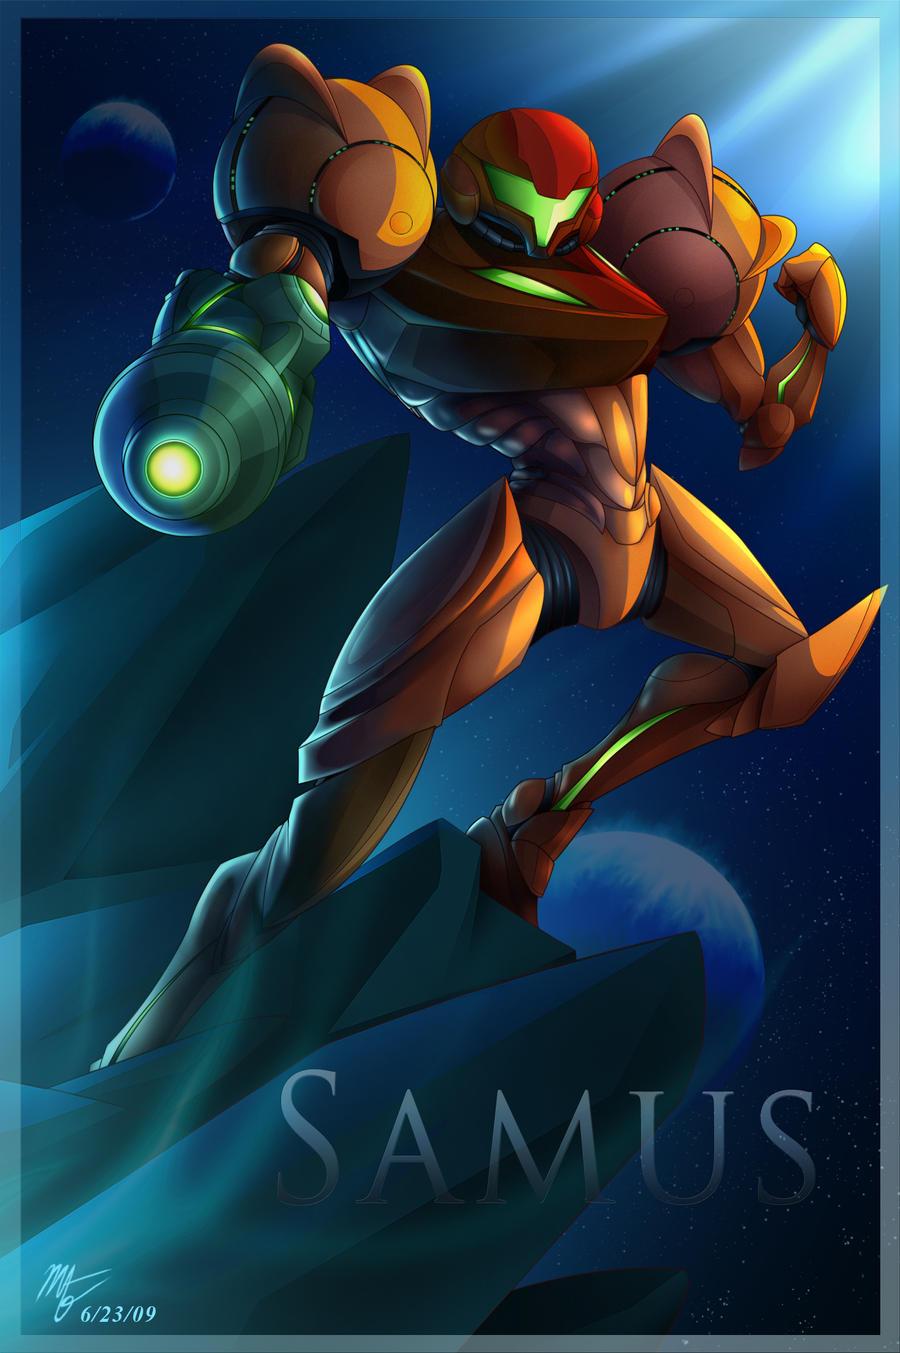 Samus by VegaColors